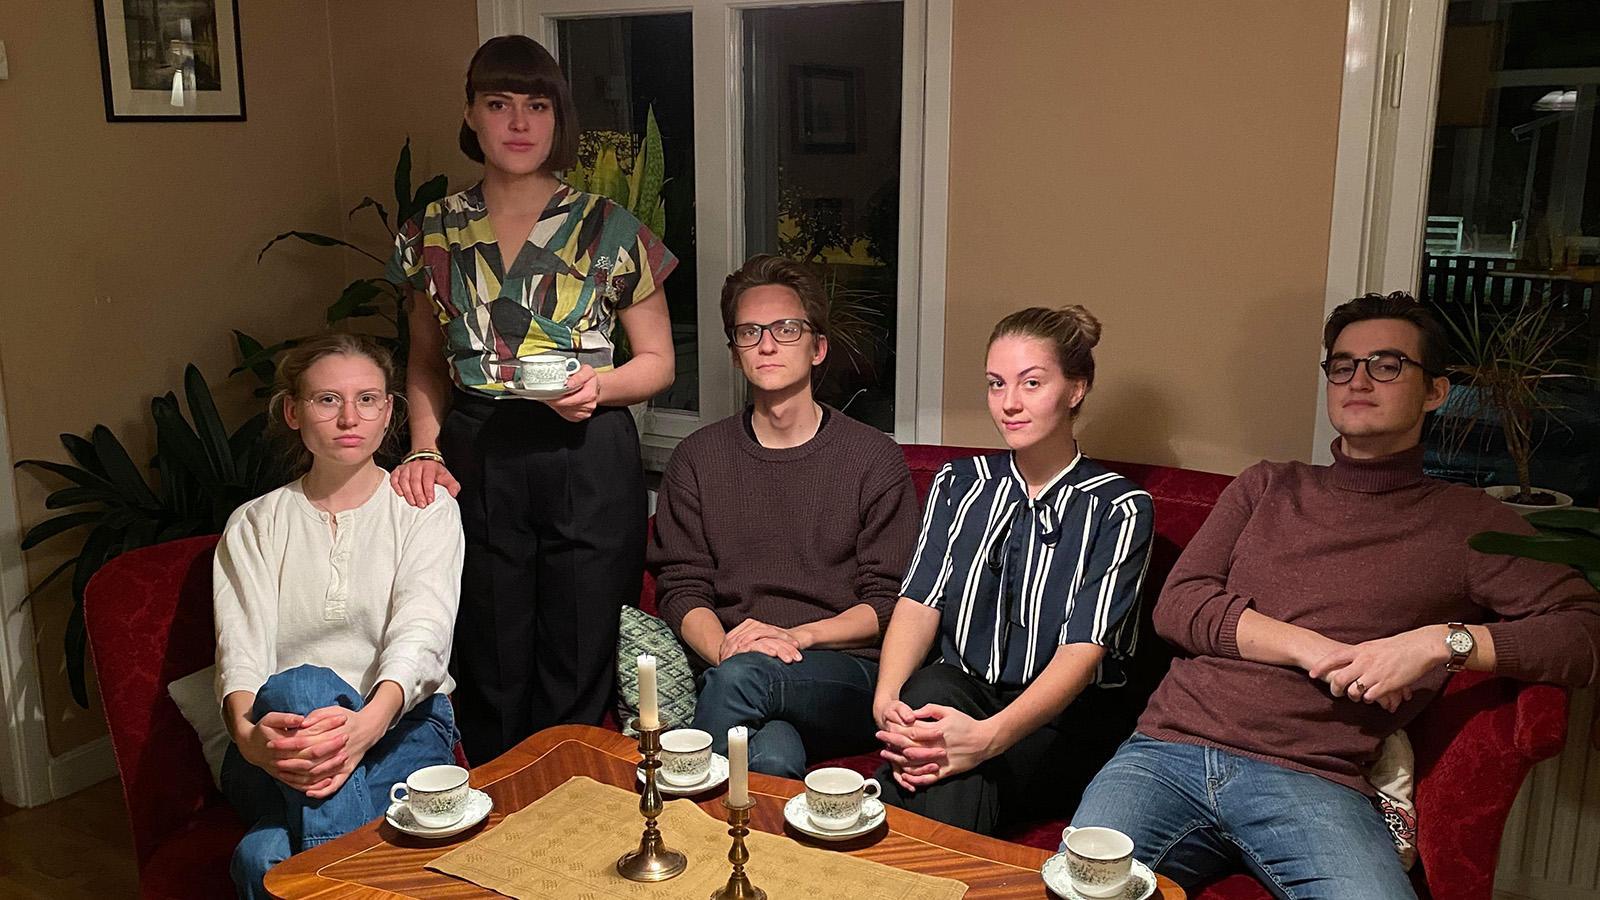 Studenterna är från vänster Runa Lundin, Adeline Löfroos, Michael Jansson, Tilda Rosén och August Bizzozero.